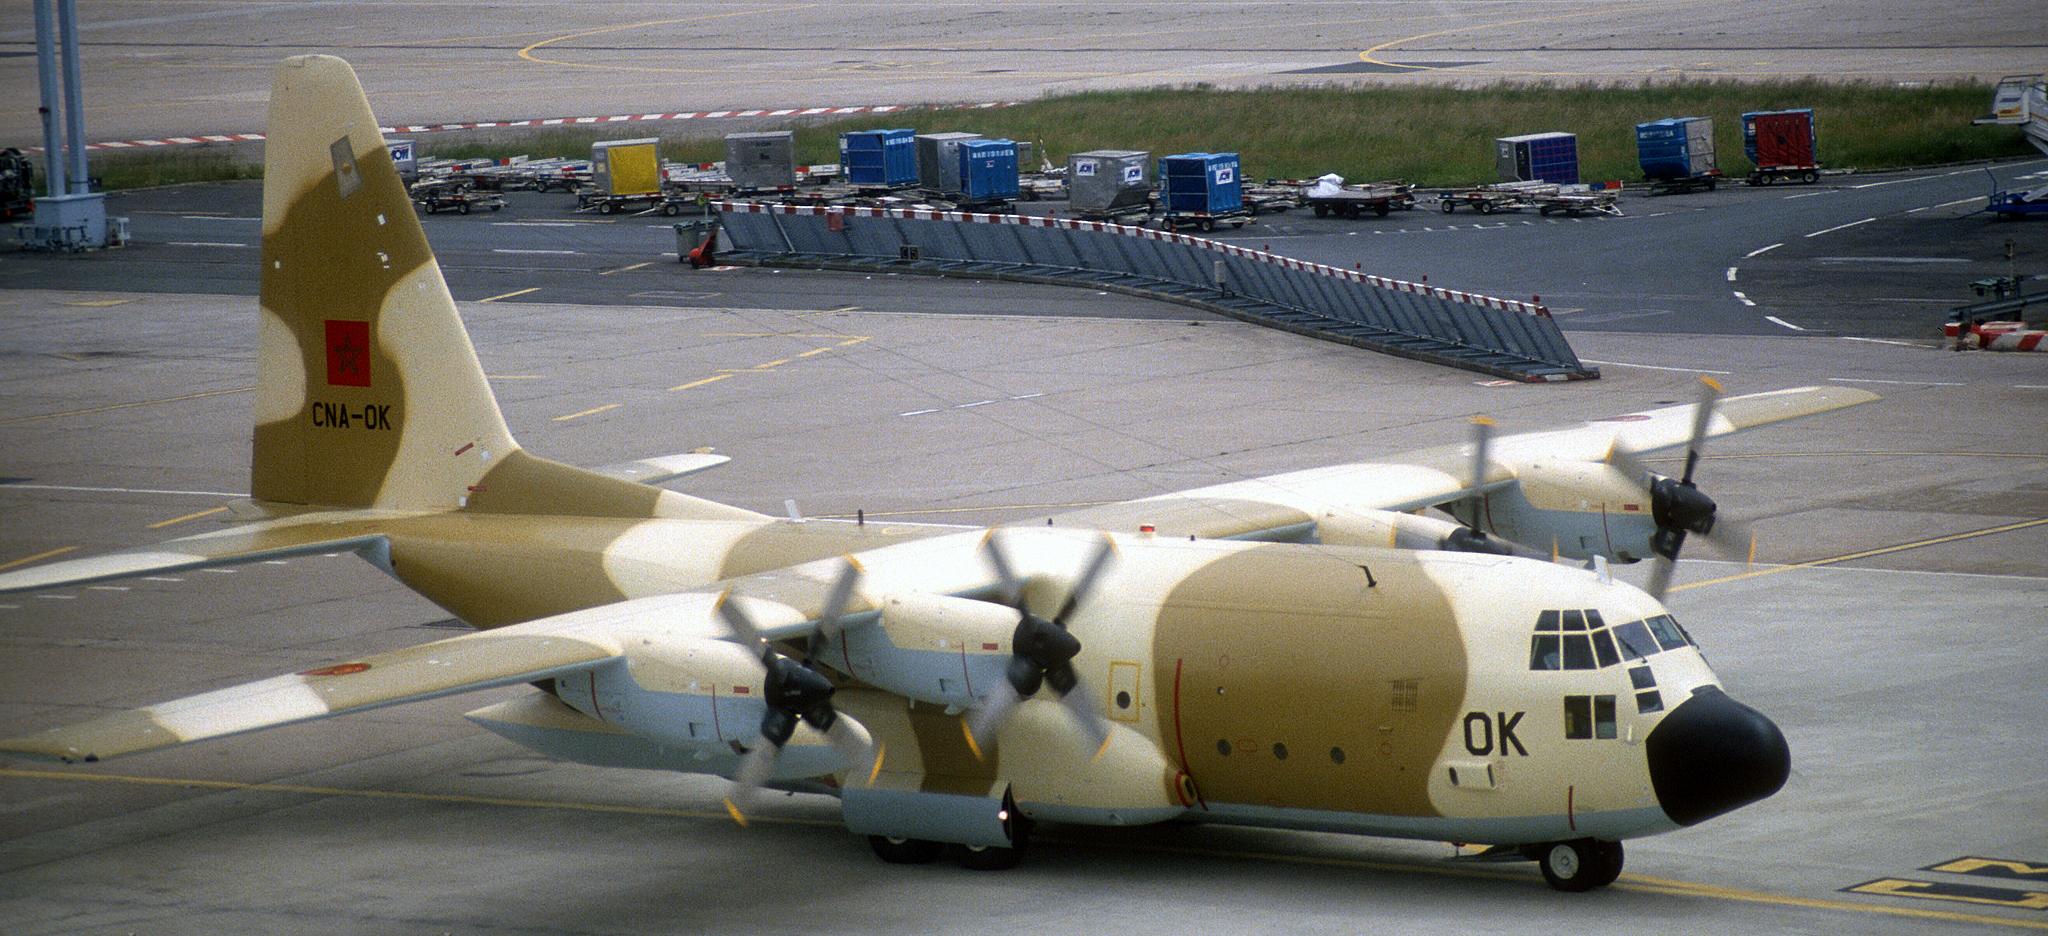 FRA: Photos d'avions de transport - Page 25 160217031302403423